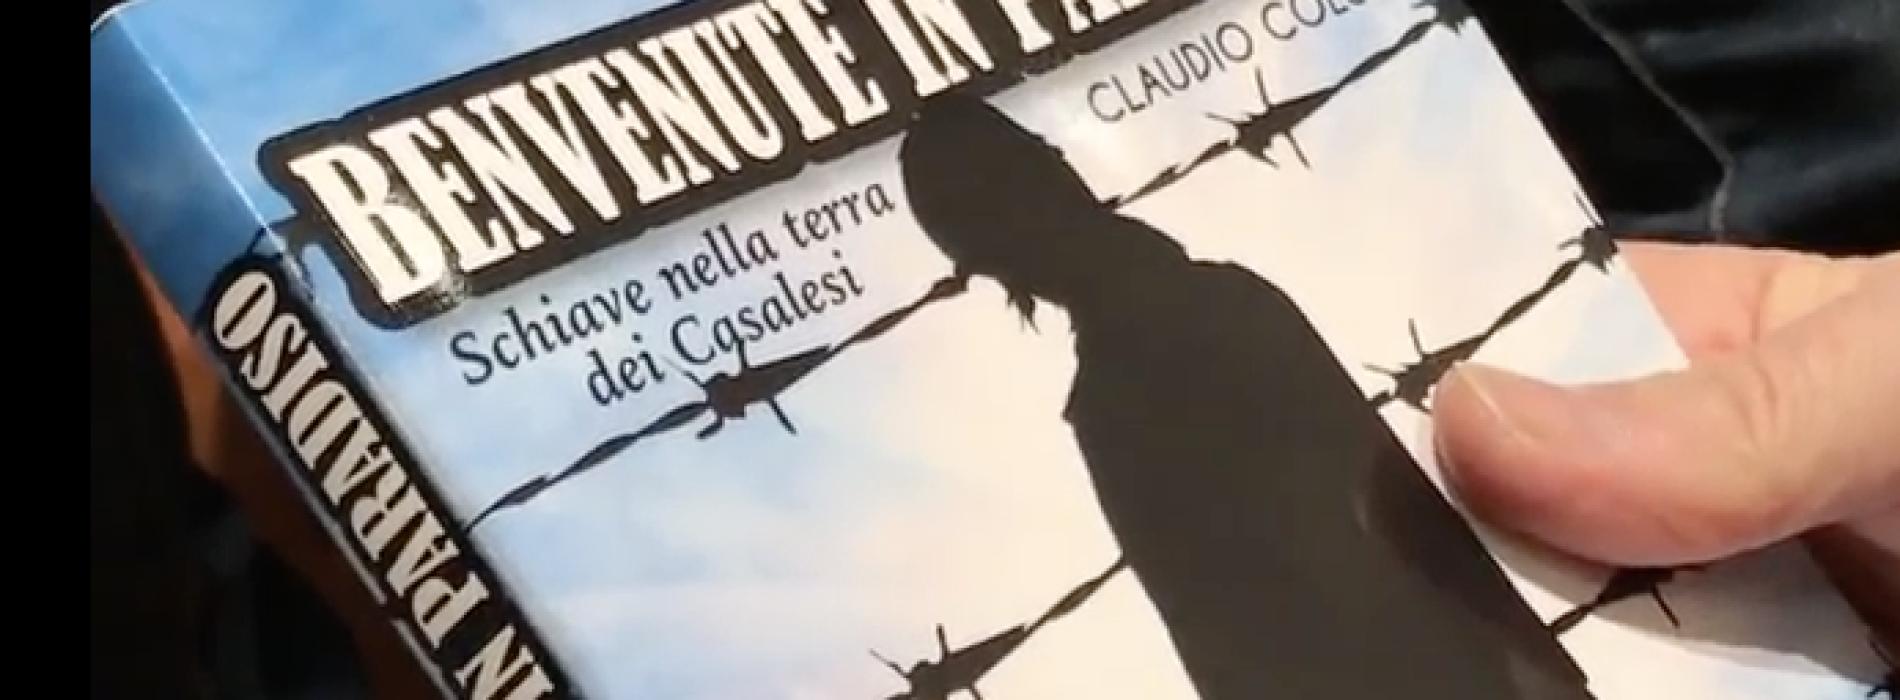 Benvenute in Paradiso, a Caserta il libro di Coluzzi